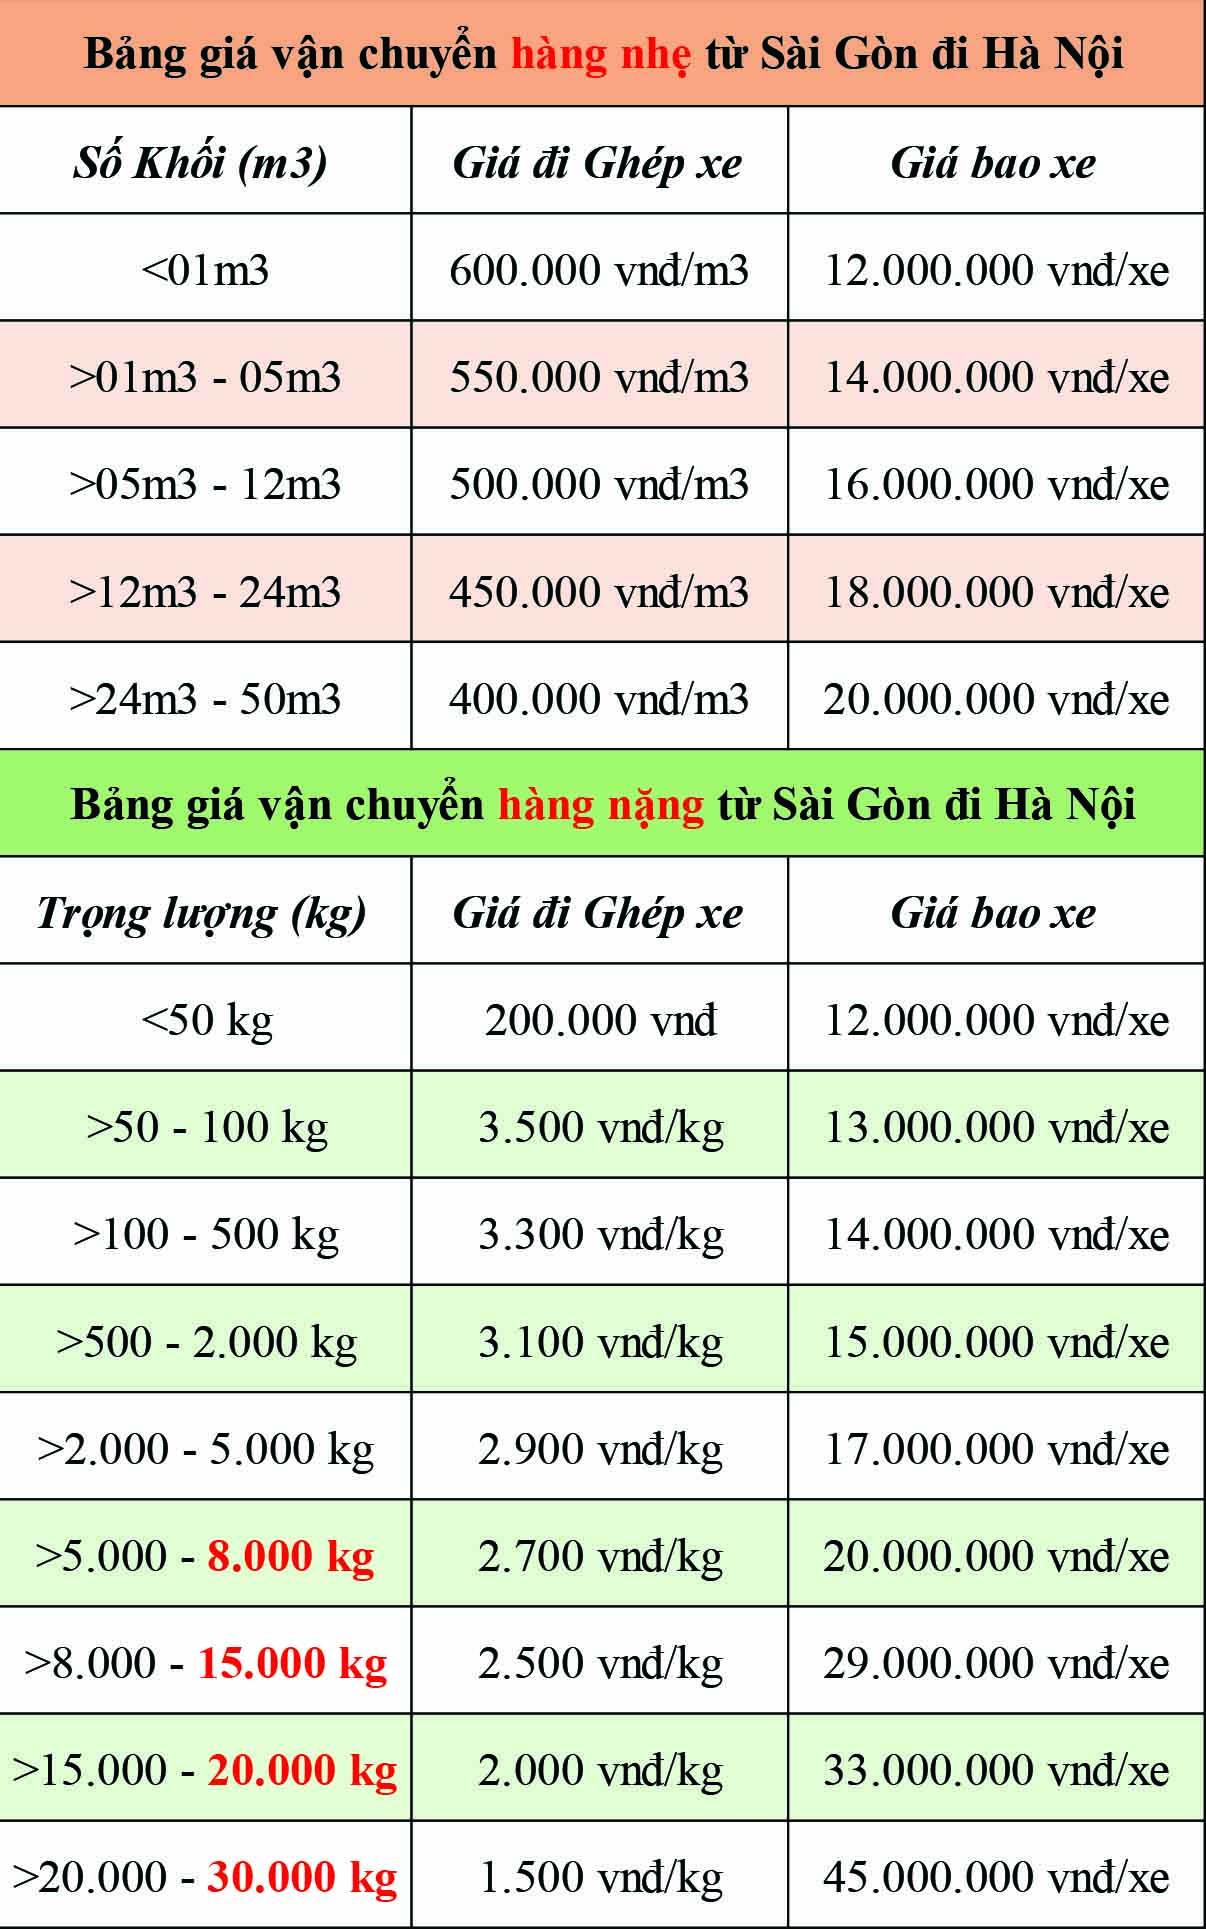 Bảng giá vận chuyển hàng hóa từ Sài Gòn Đi Hà Nội của Chành xe Phú Quốc - CON RÙA BIỂN